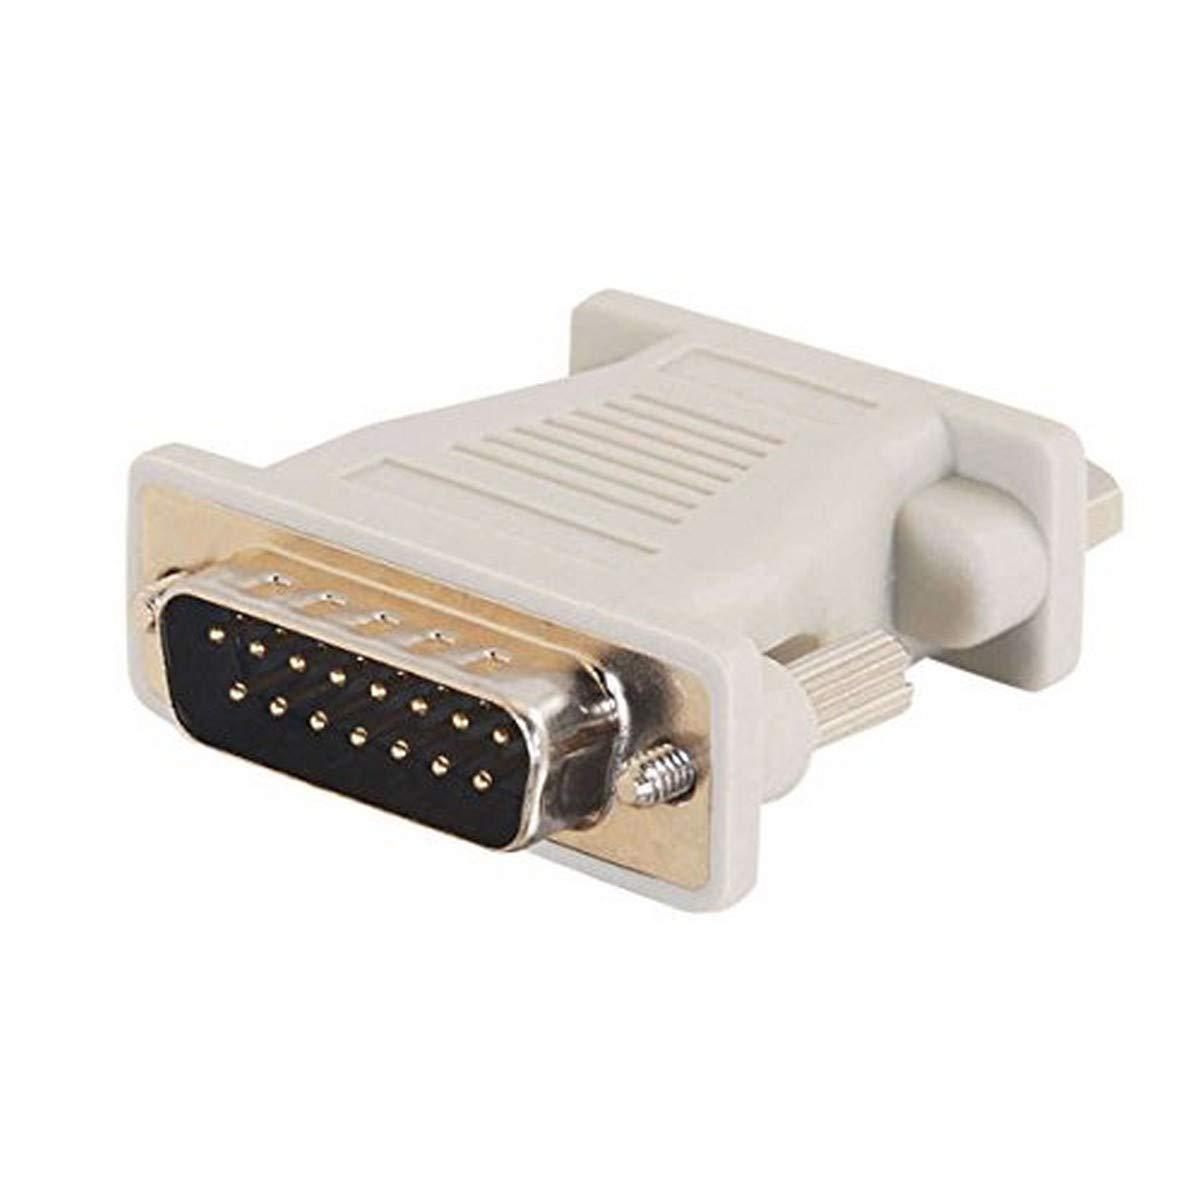 C2G 02902 Mac DB15 Male to VGA (HD15) Female Adapter, Beige